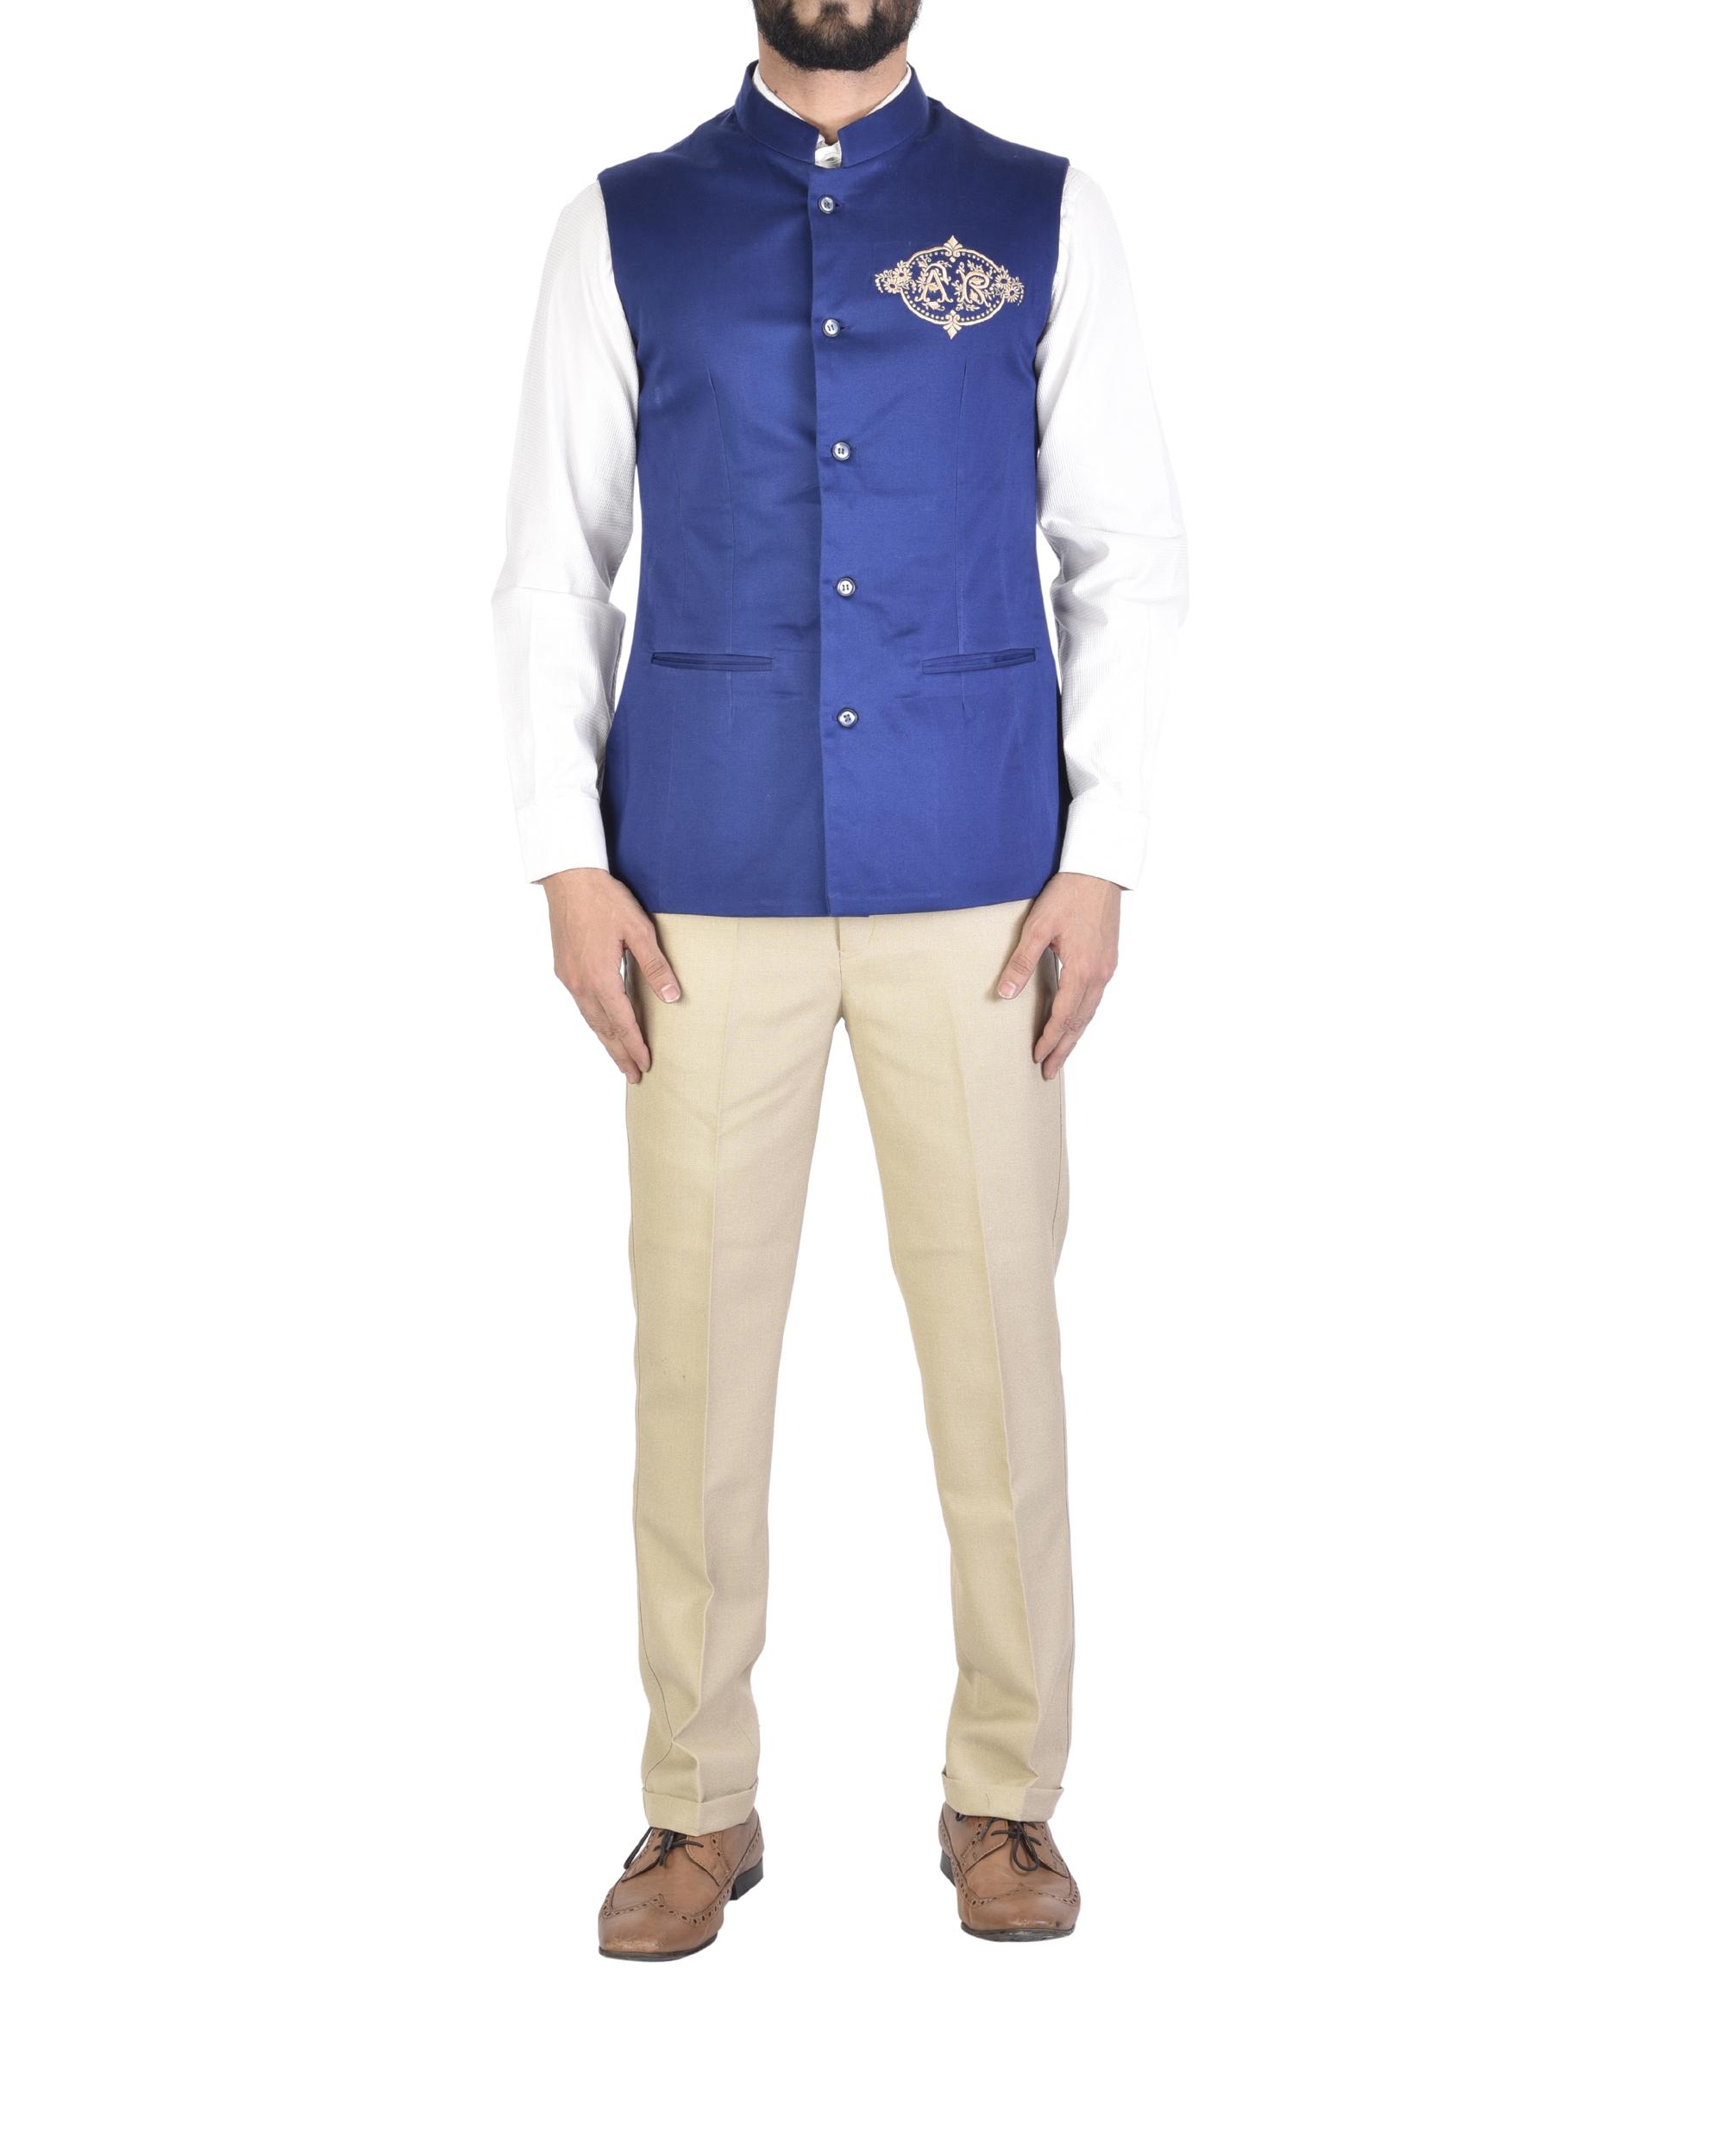 Sleeveless royal blue waistcoat